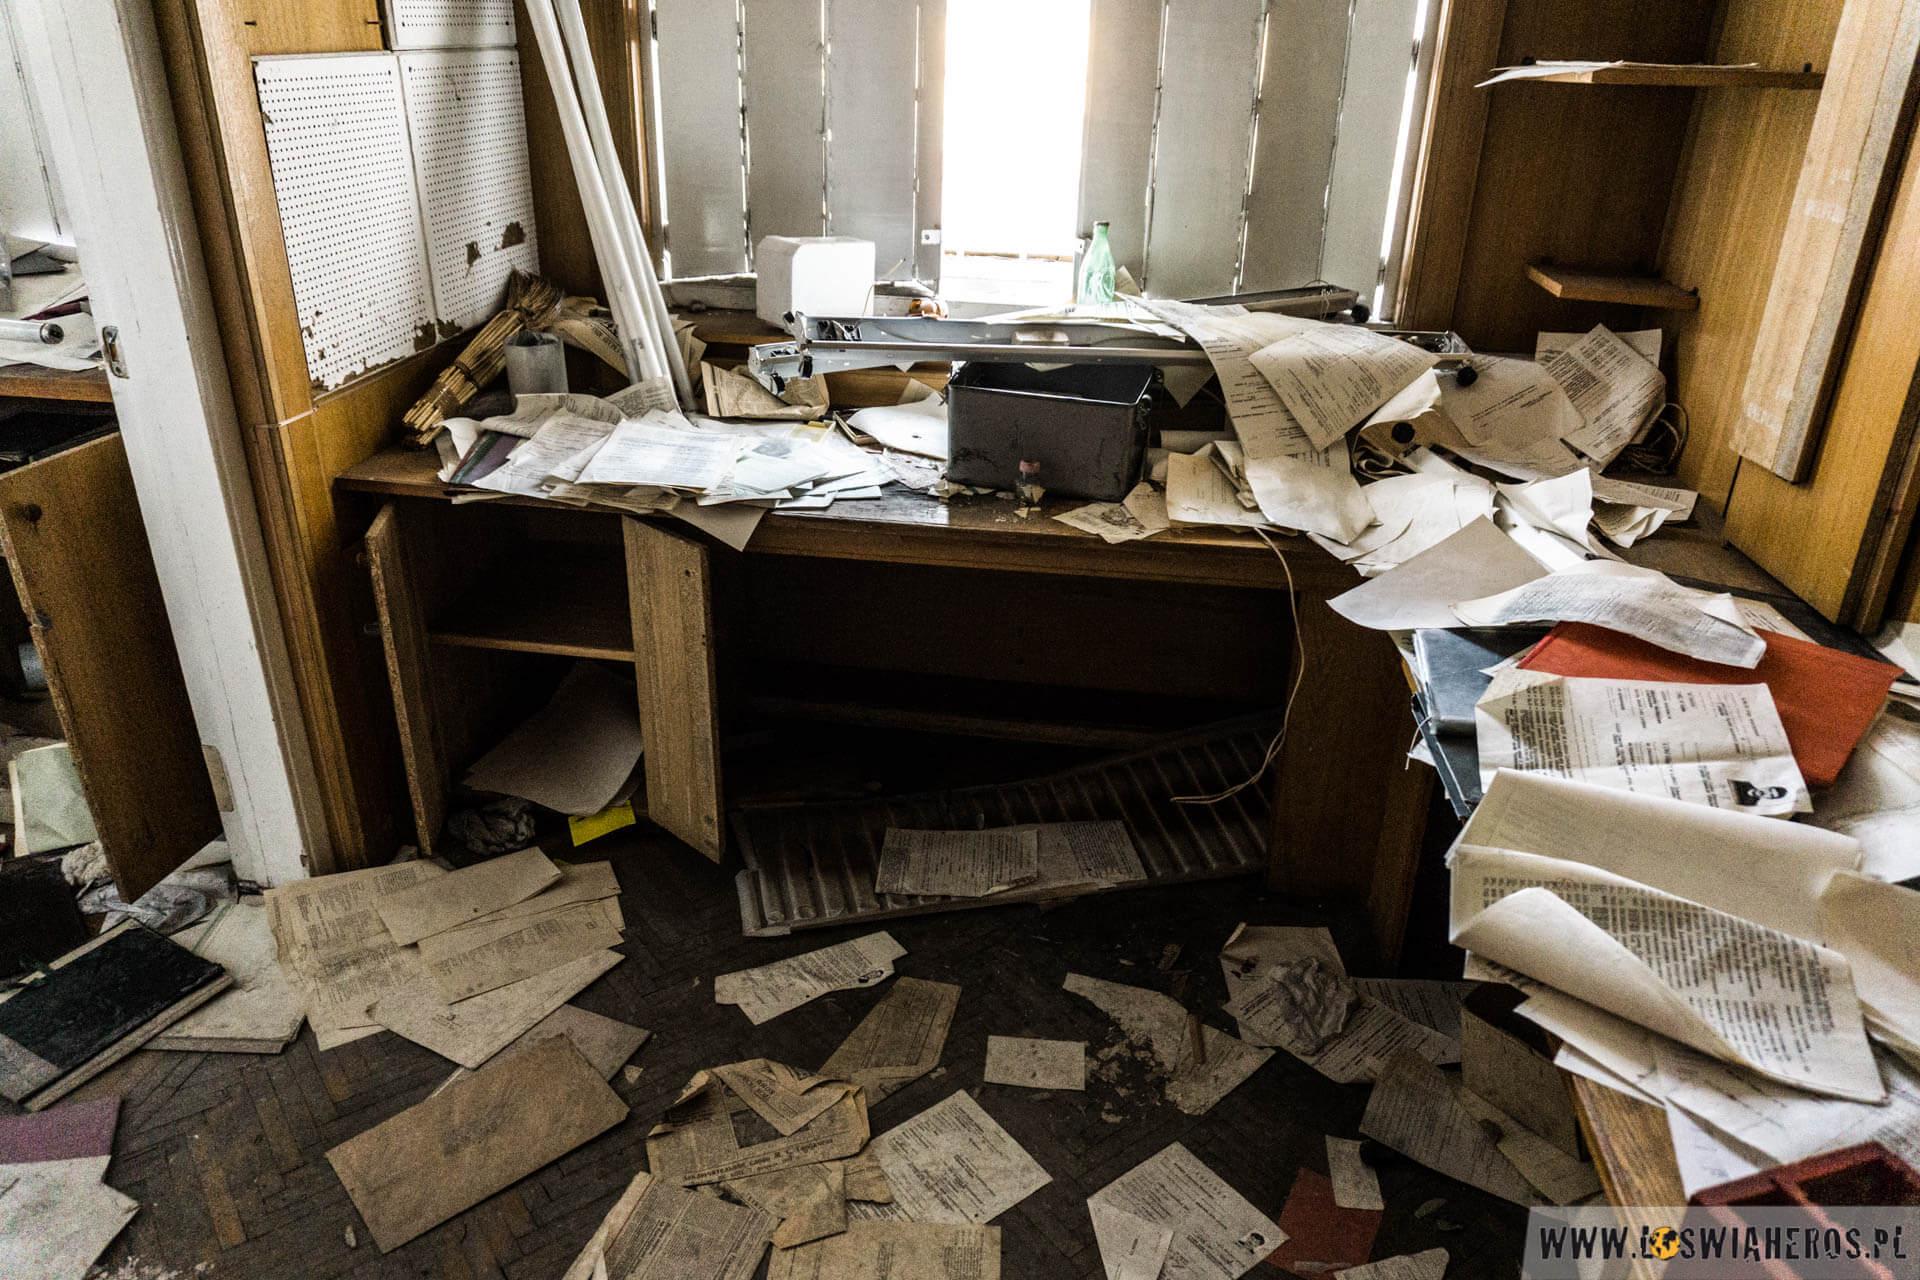 Porozrzucane dokumenty, akta, notatki.